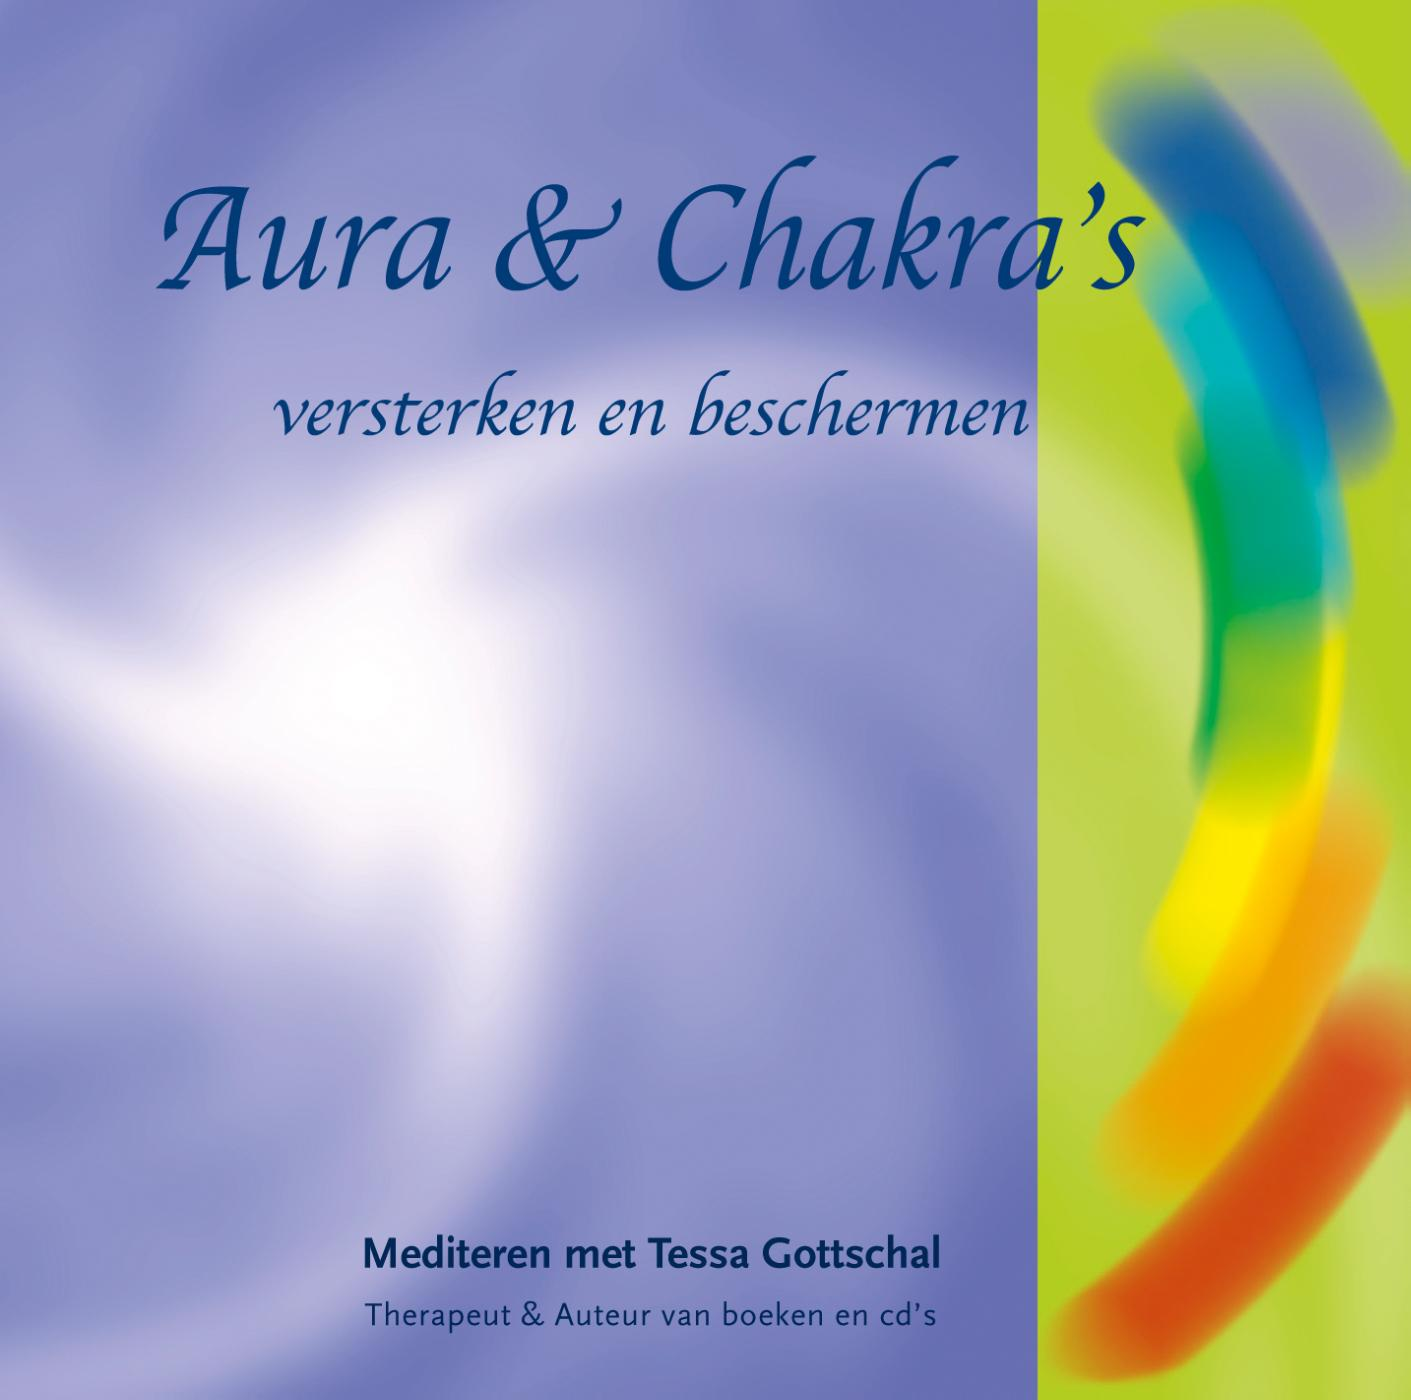 Aura & Chakra's